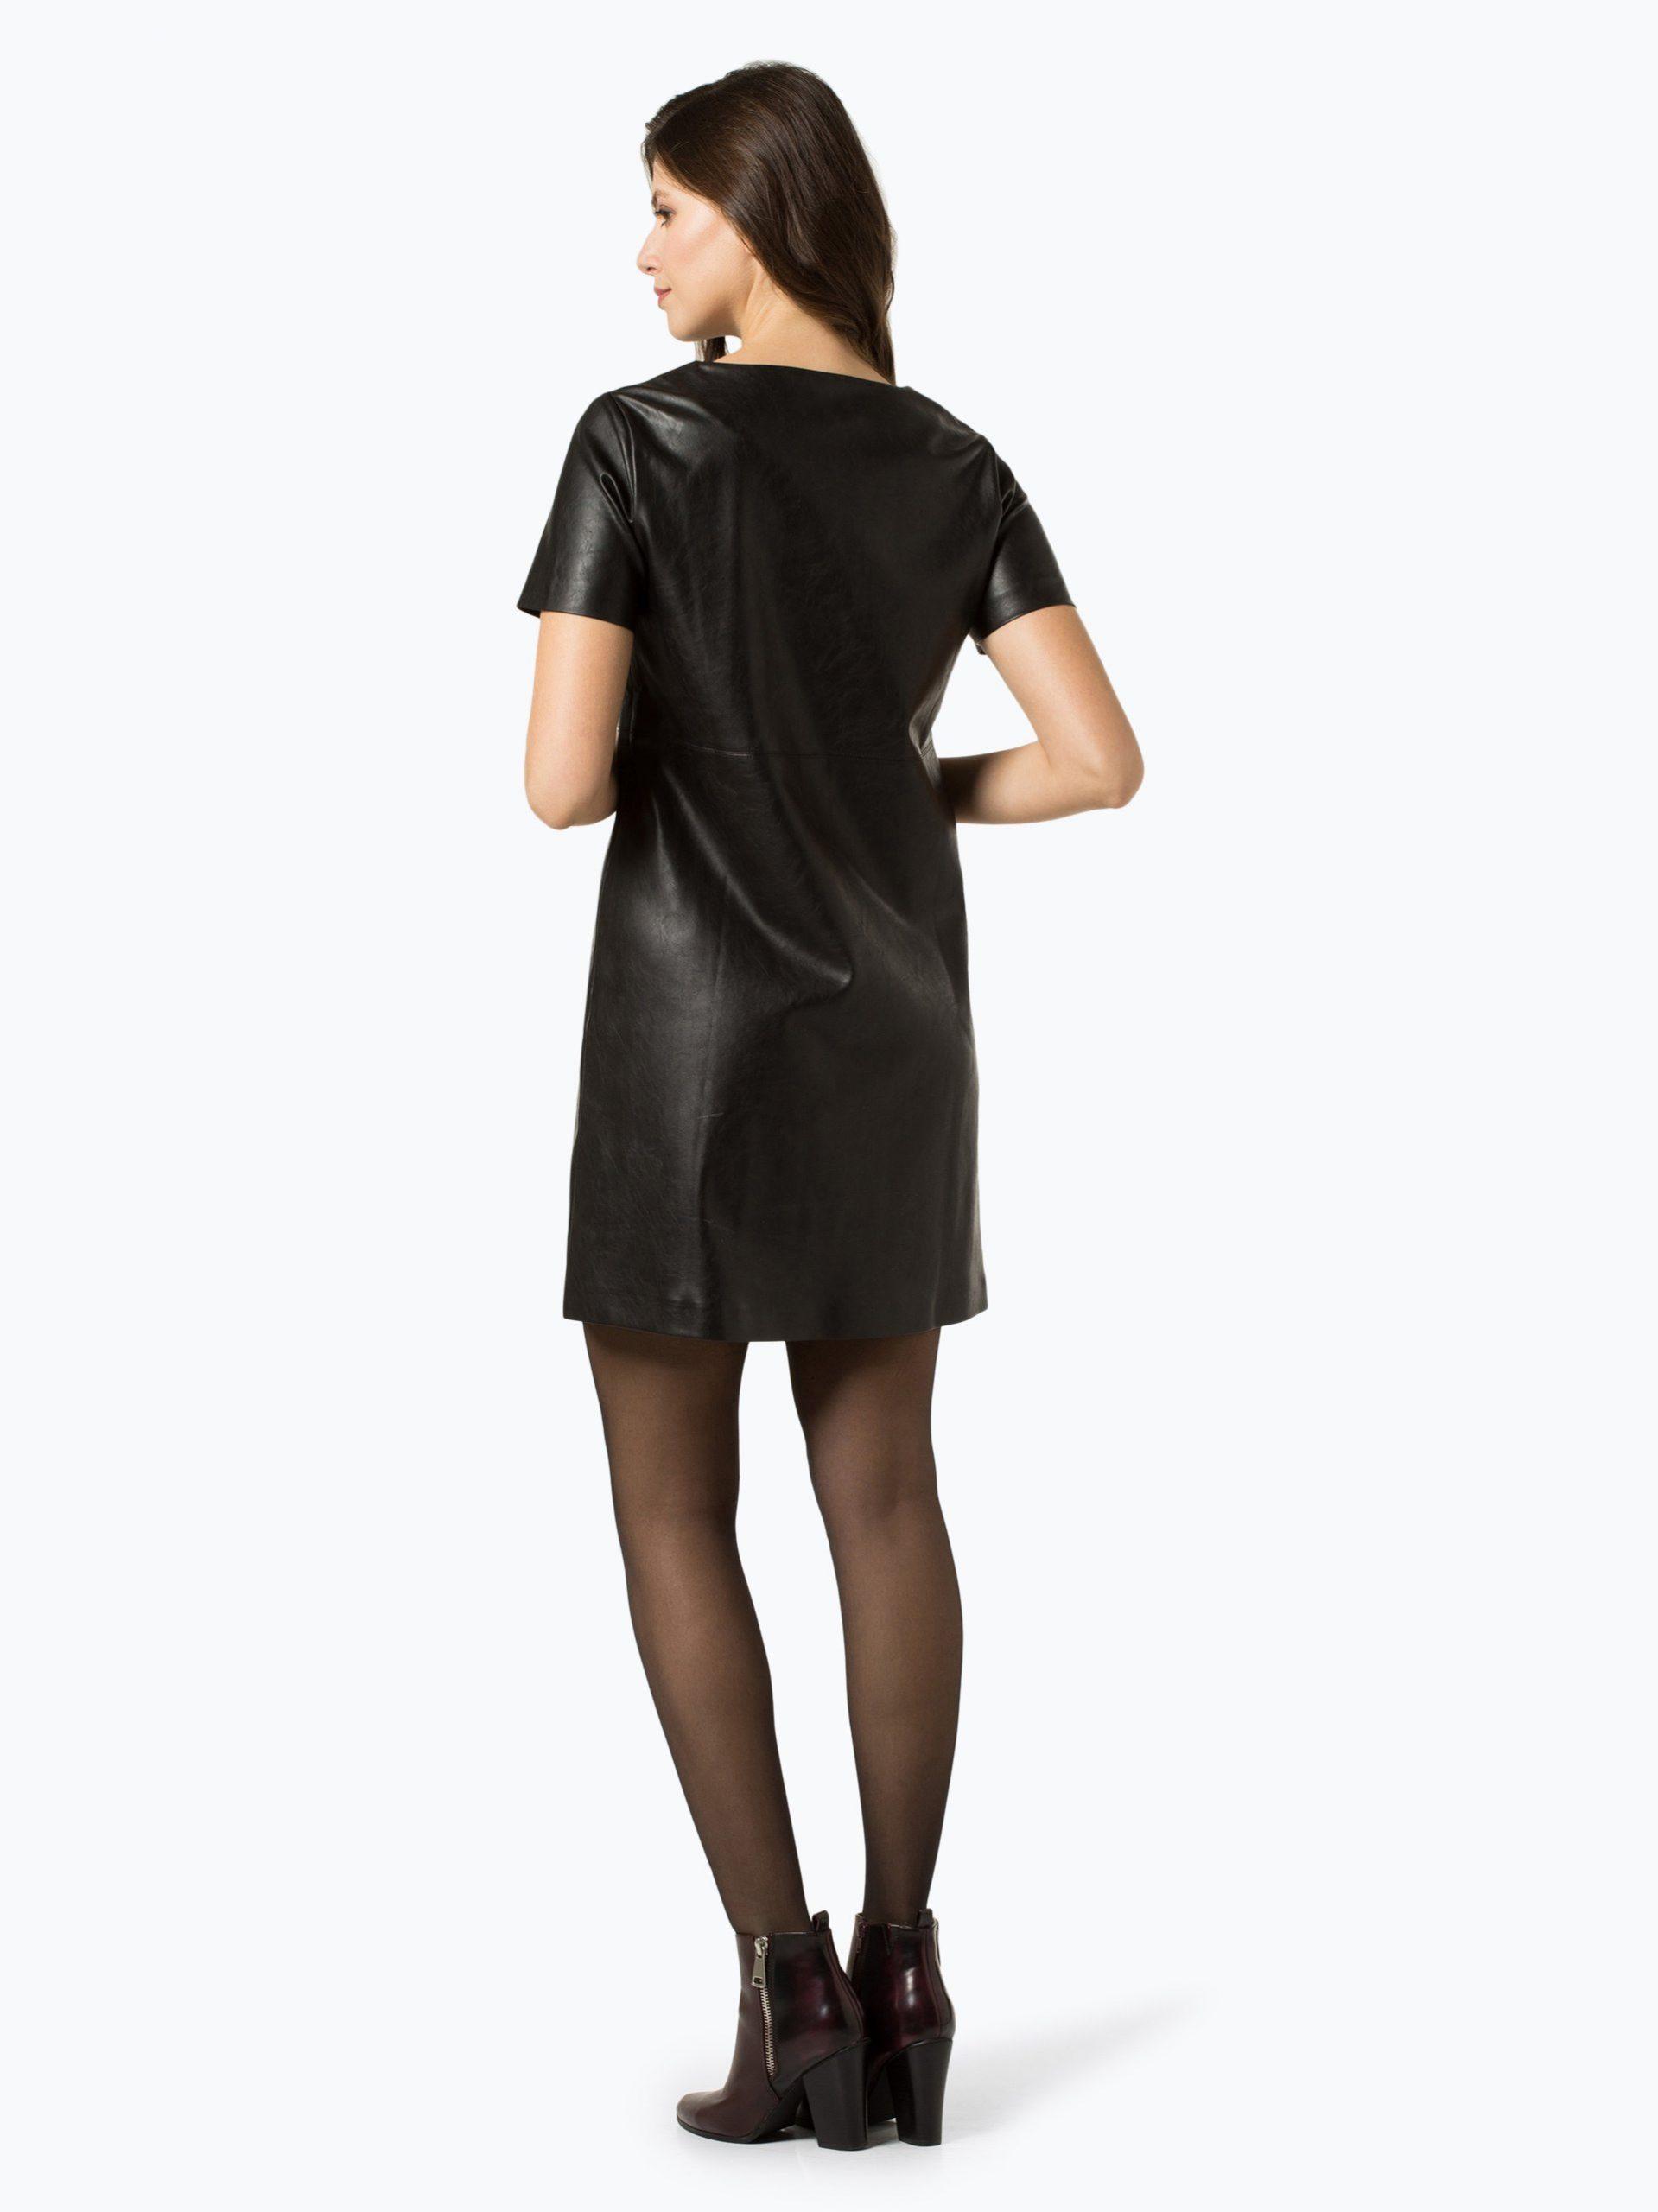 Opus Damen Kleid  Wasine Online Kaufen  Peekund